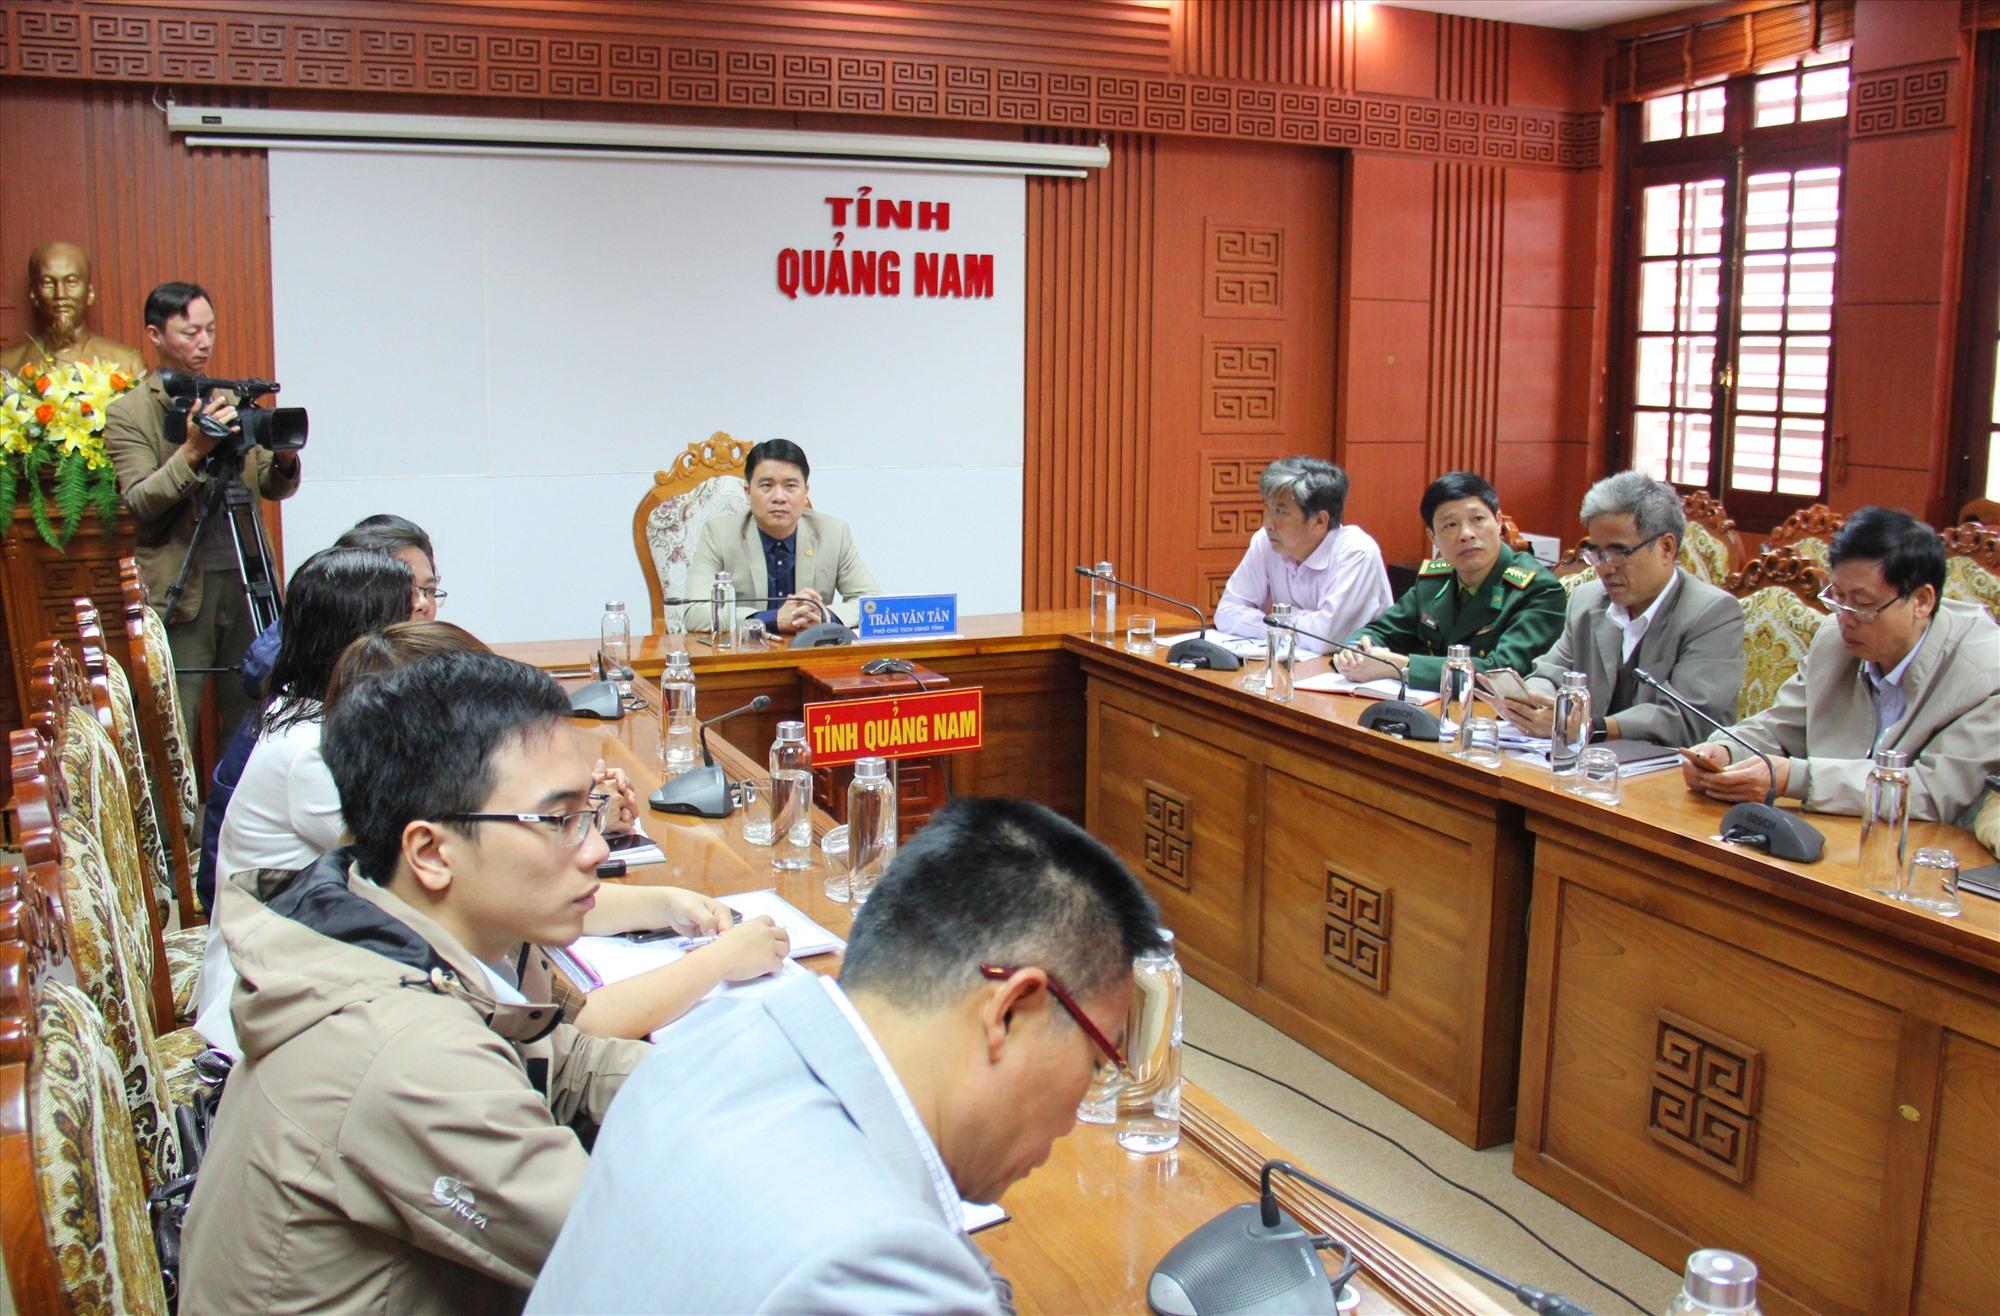 Phó Chủ tịch UBND tỉnh Trần Văn Tân chủ trì ở đầu cầu Quảng Nam. Ảnh: A.N